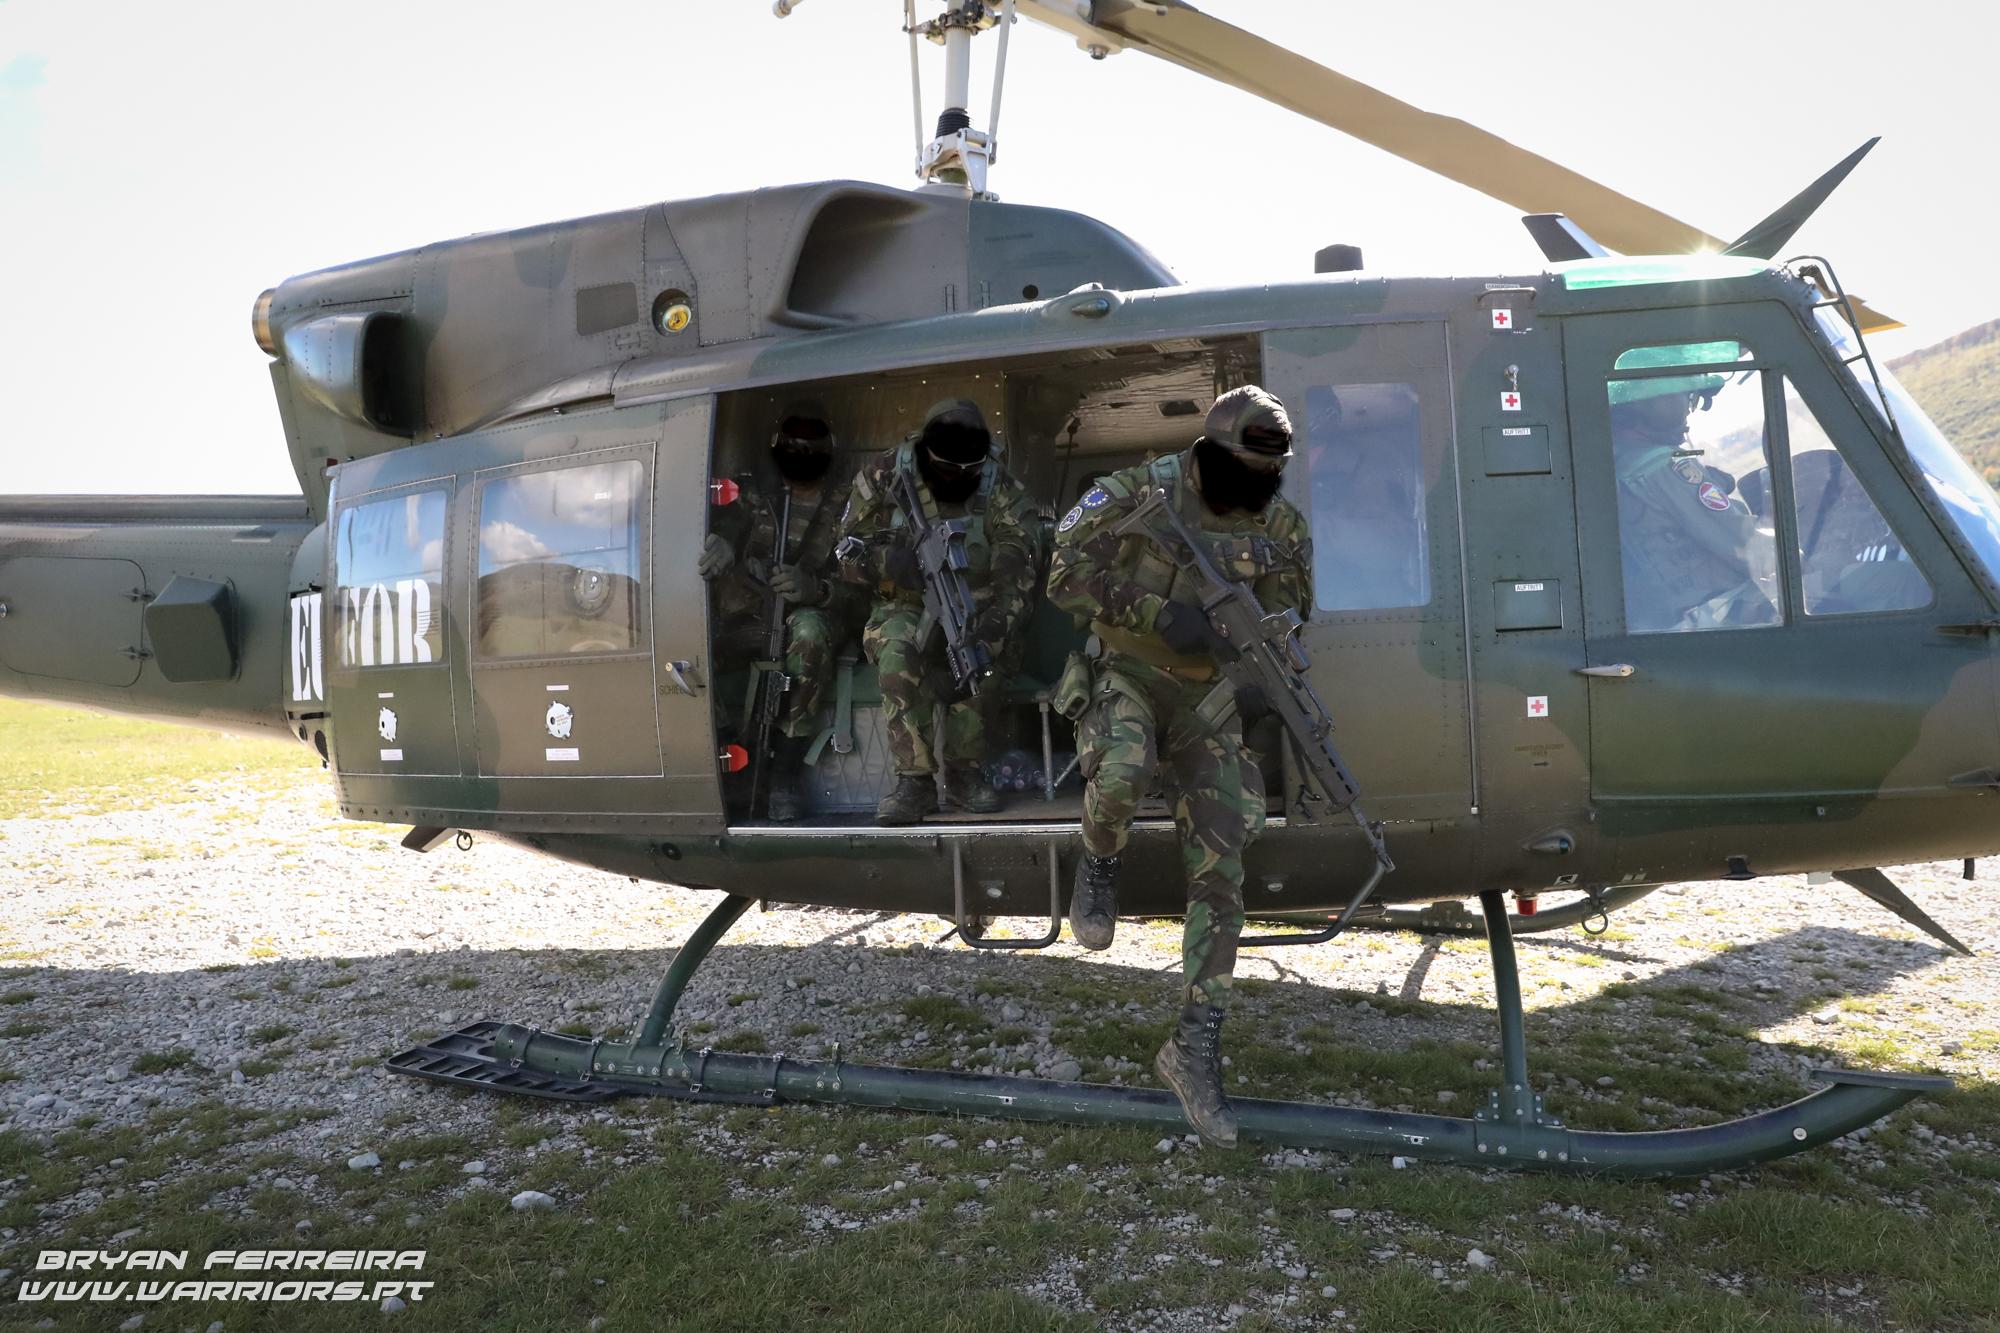 Elementos de Operações Especiais do Exercito Português são projectados por um Bell 212 Austriaco